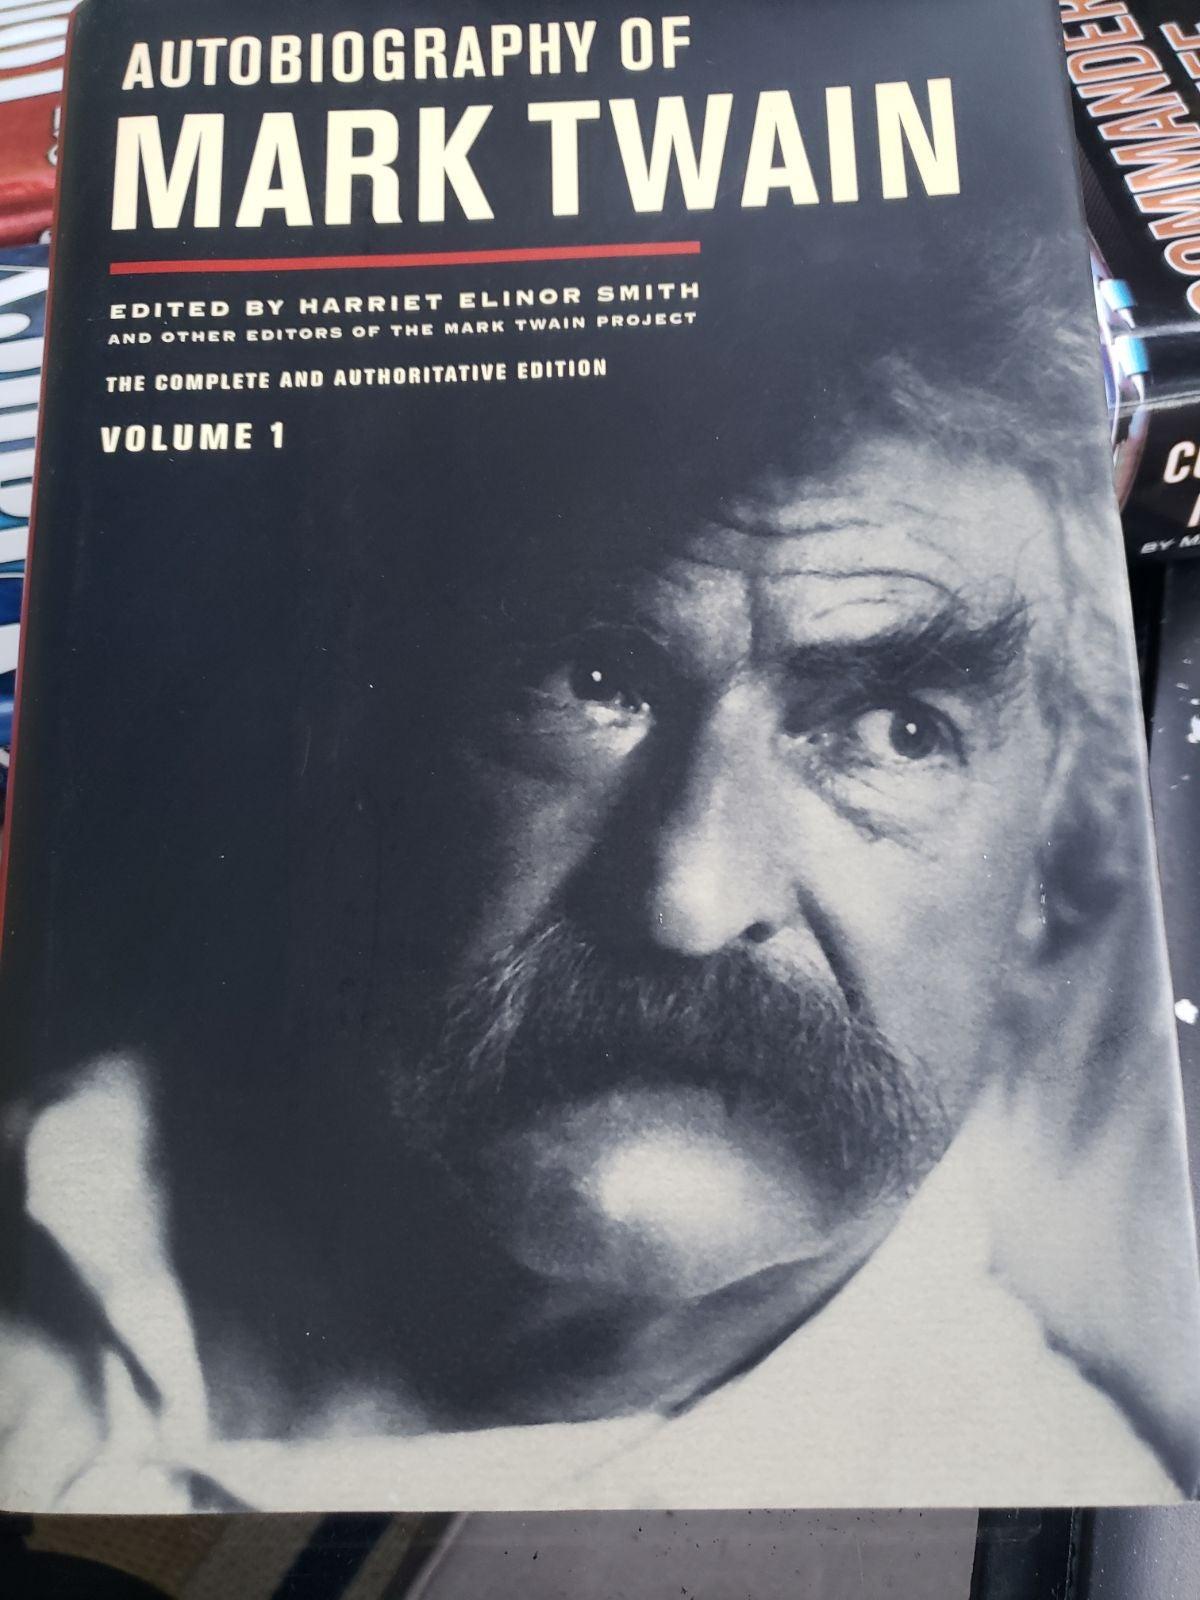 Autobiography of Mark Twain Vol.1